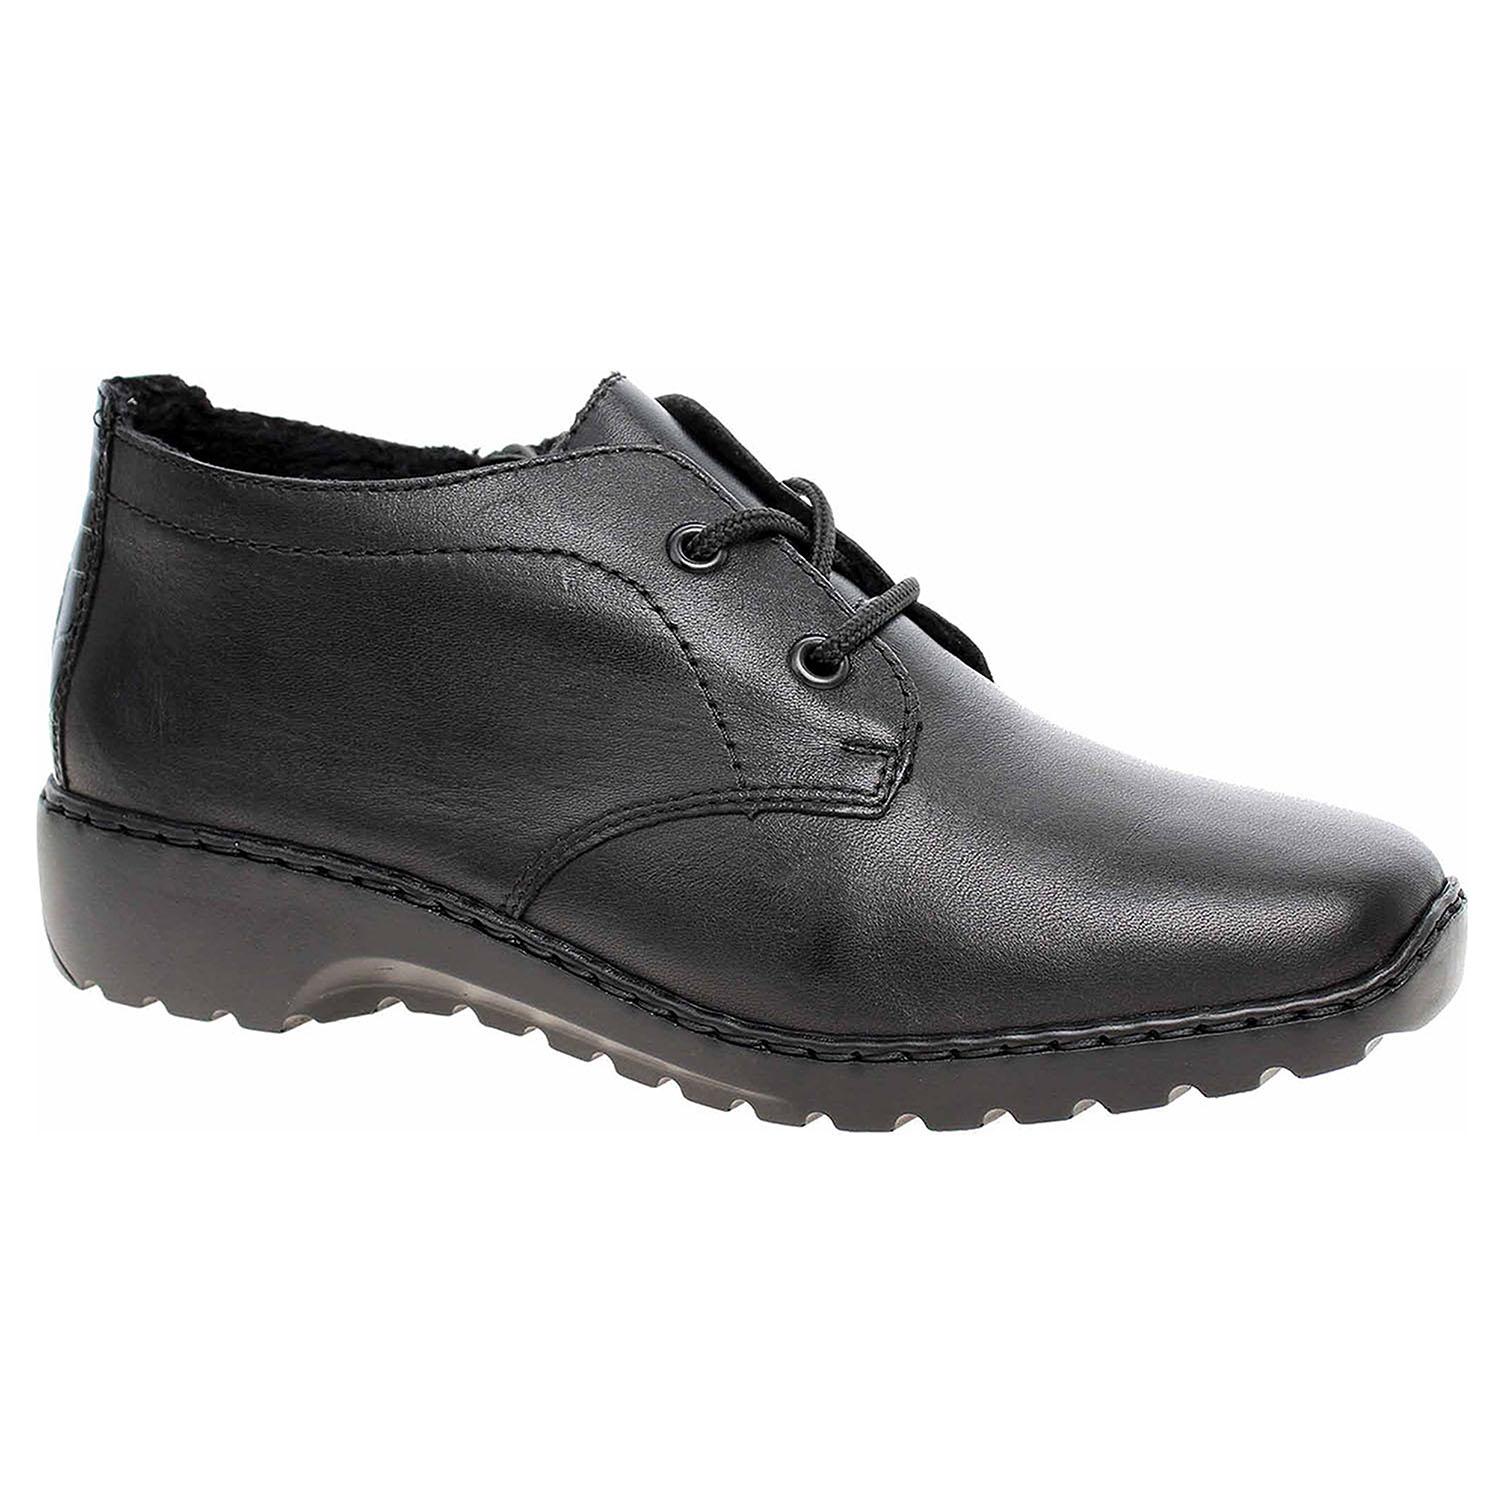 Dámská kotníková obuv Rieker L6040-00 schwarz L6040-00 41